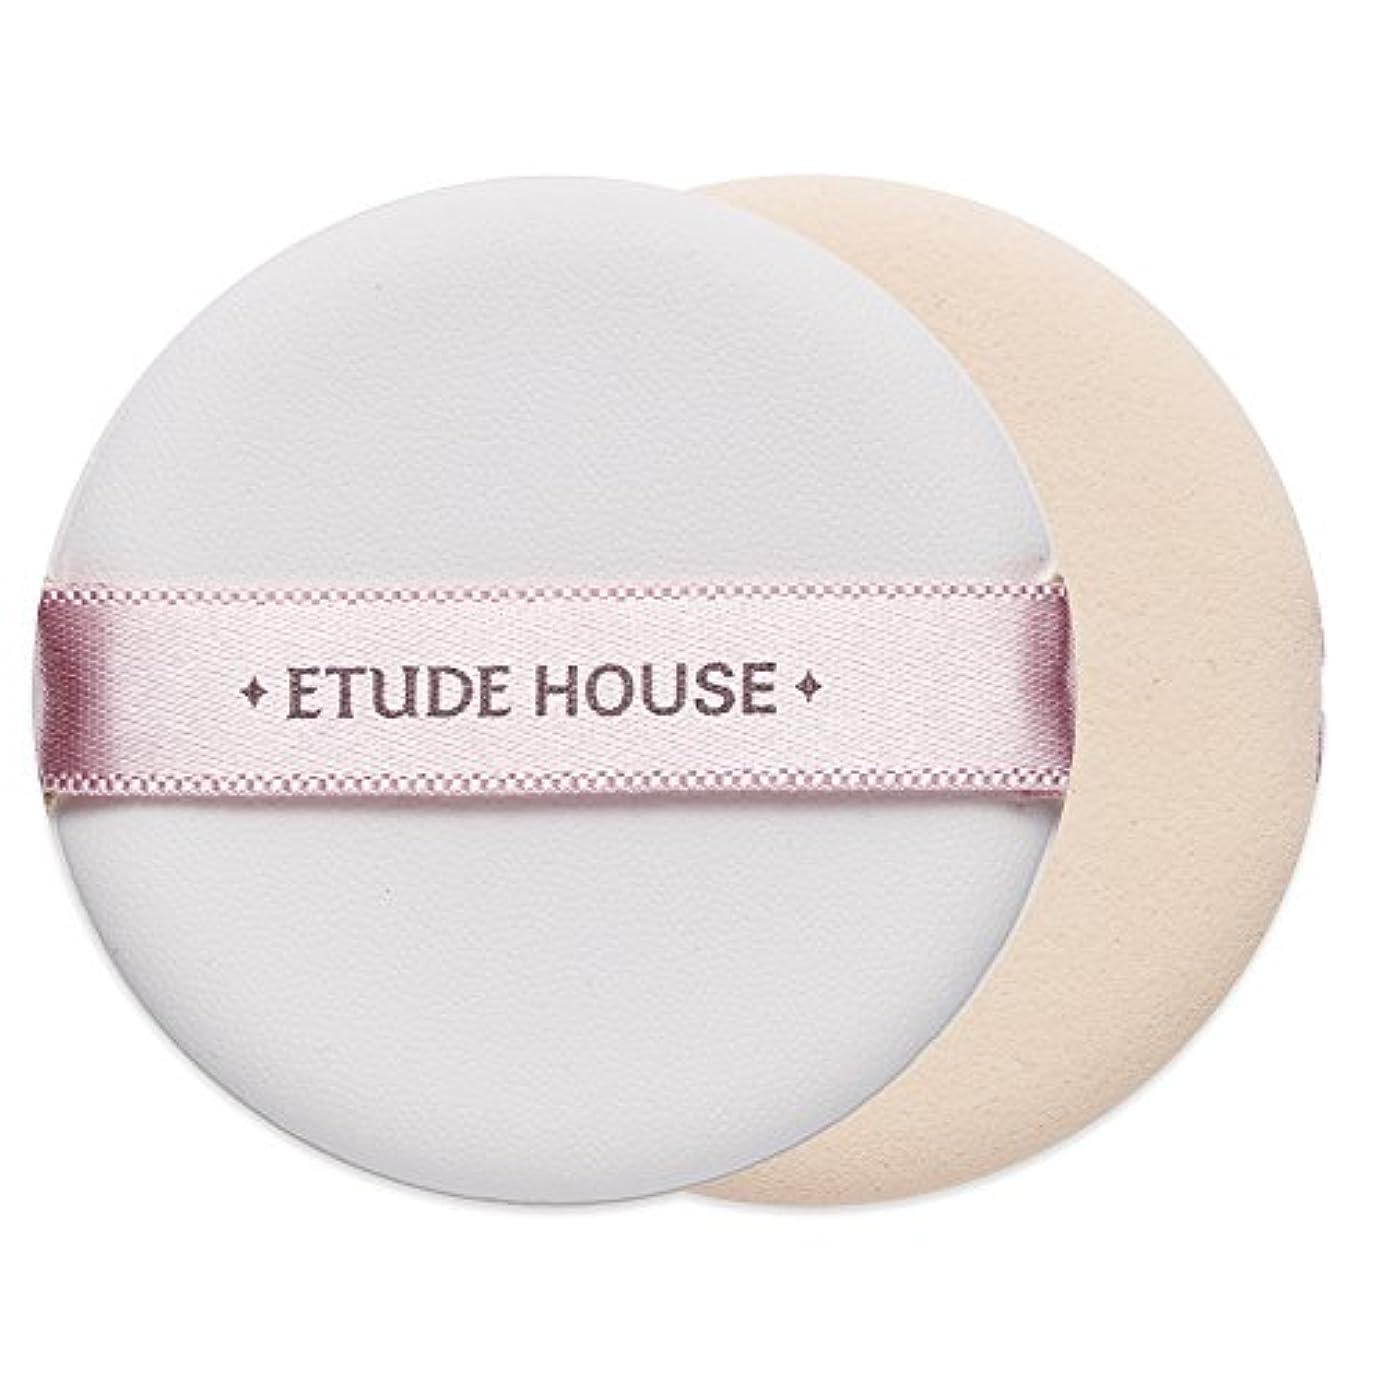 痛み種をまく将来のエチュードハウス(ETUDE HOUSE) マイビューティーツール カバーフィッティングパフ